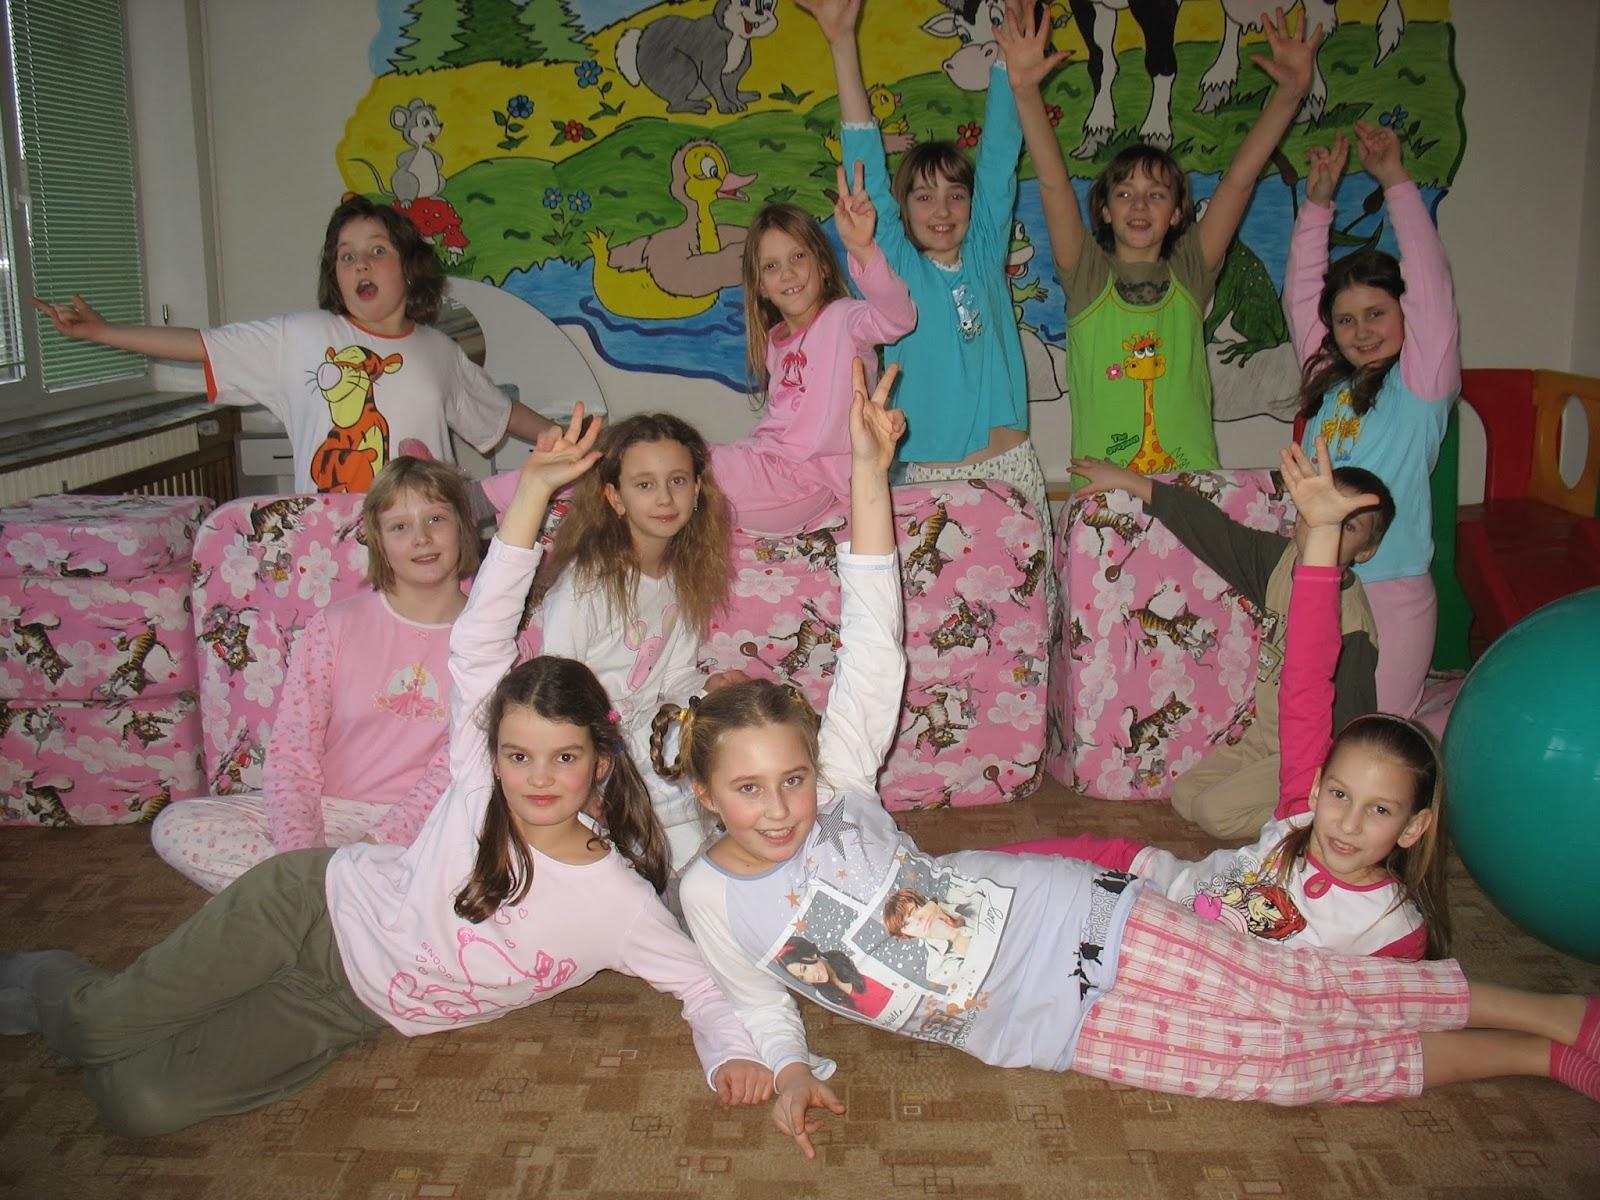 Pyžamová oslava desátých narozenin